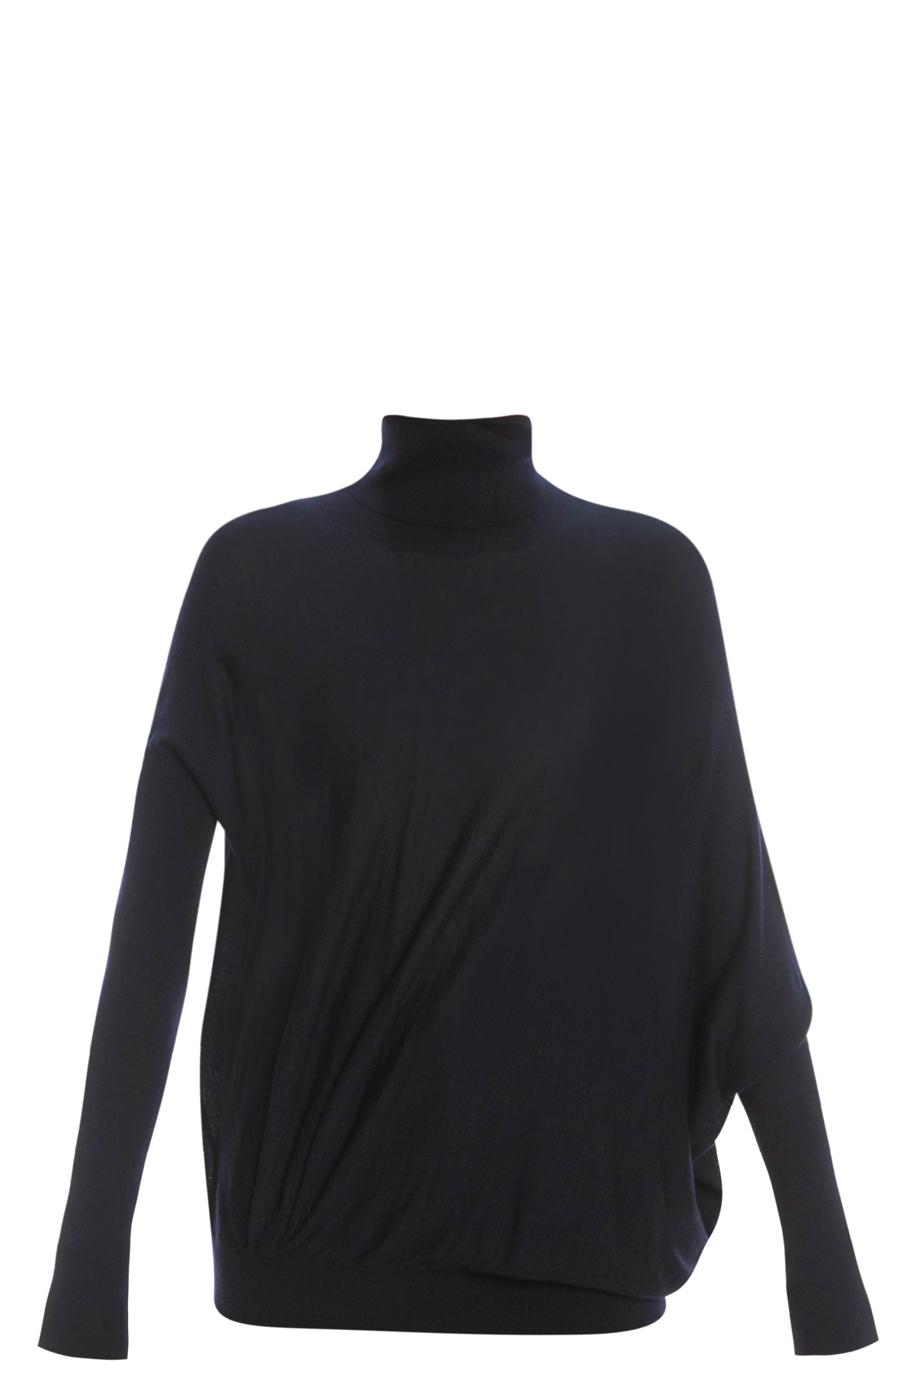 acne corvette sweater